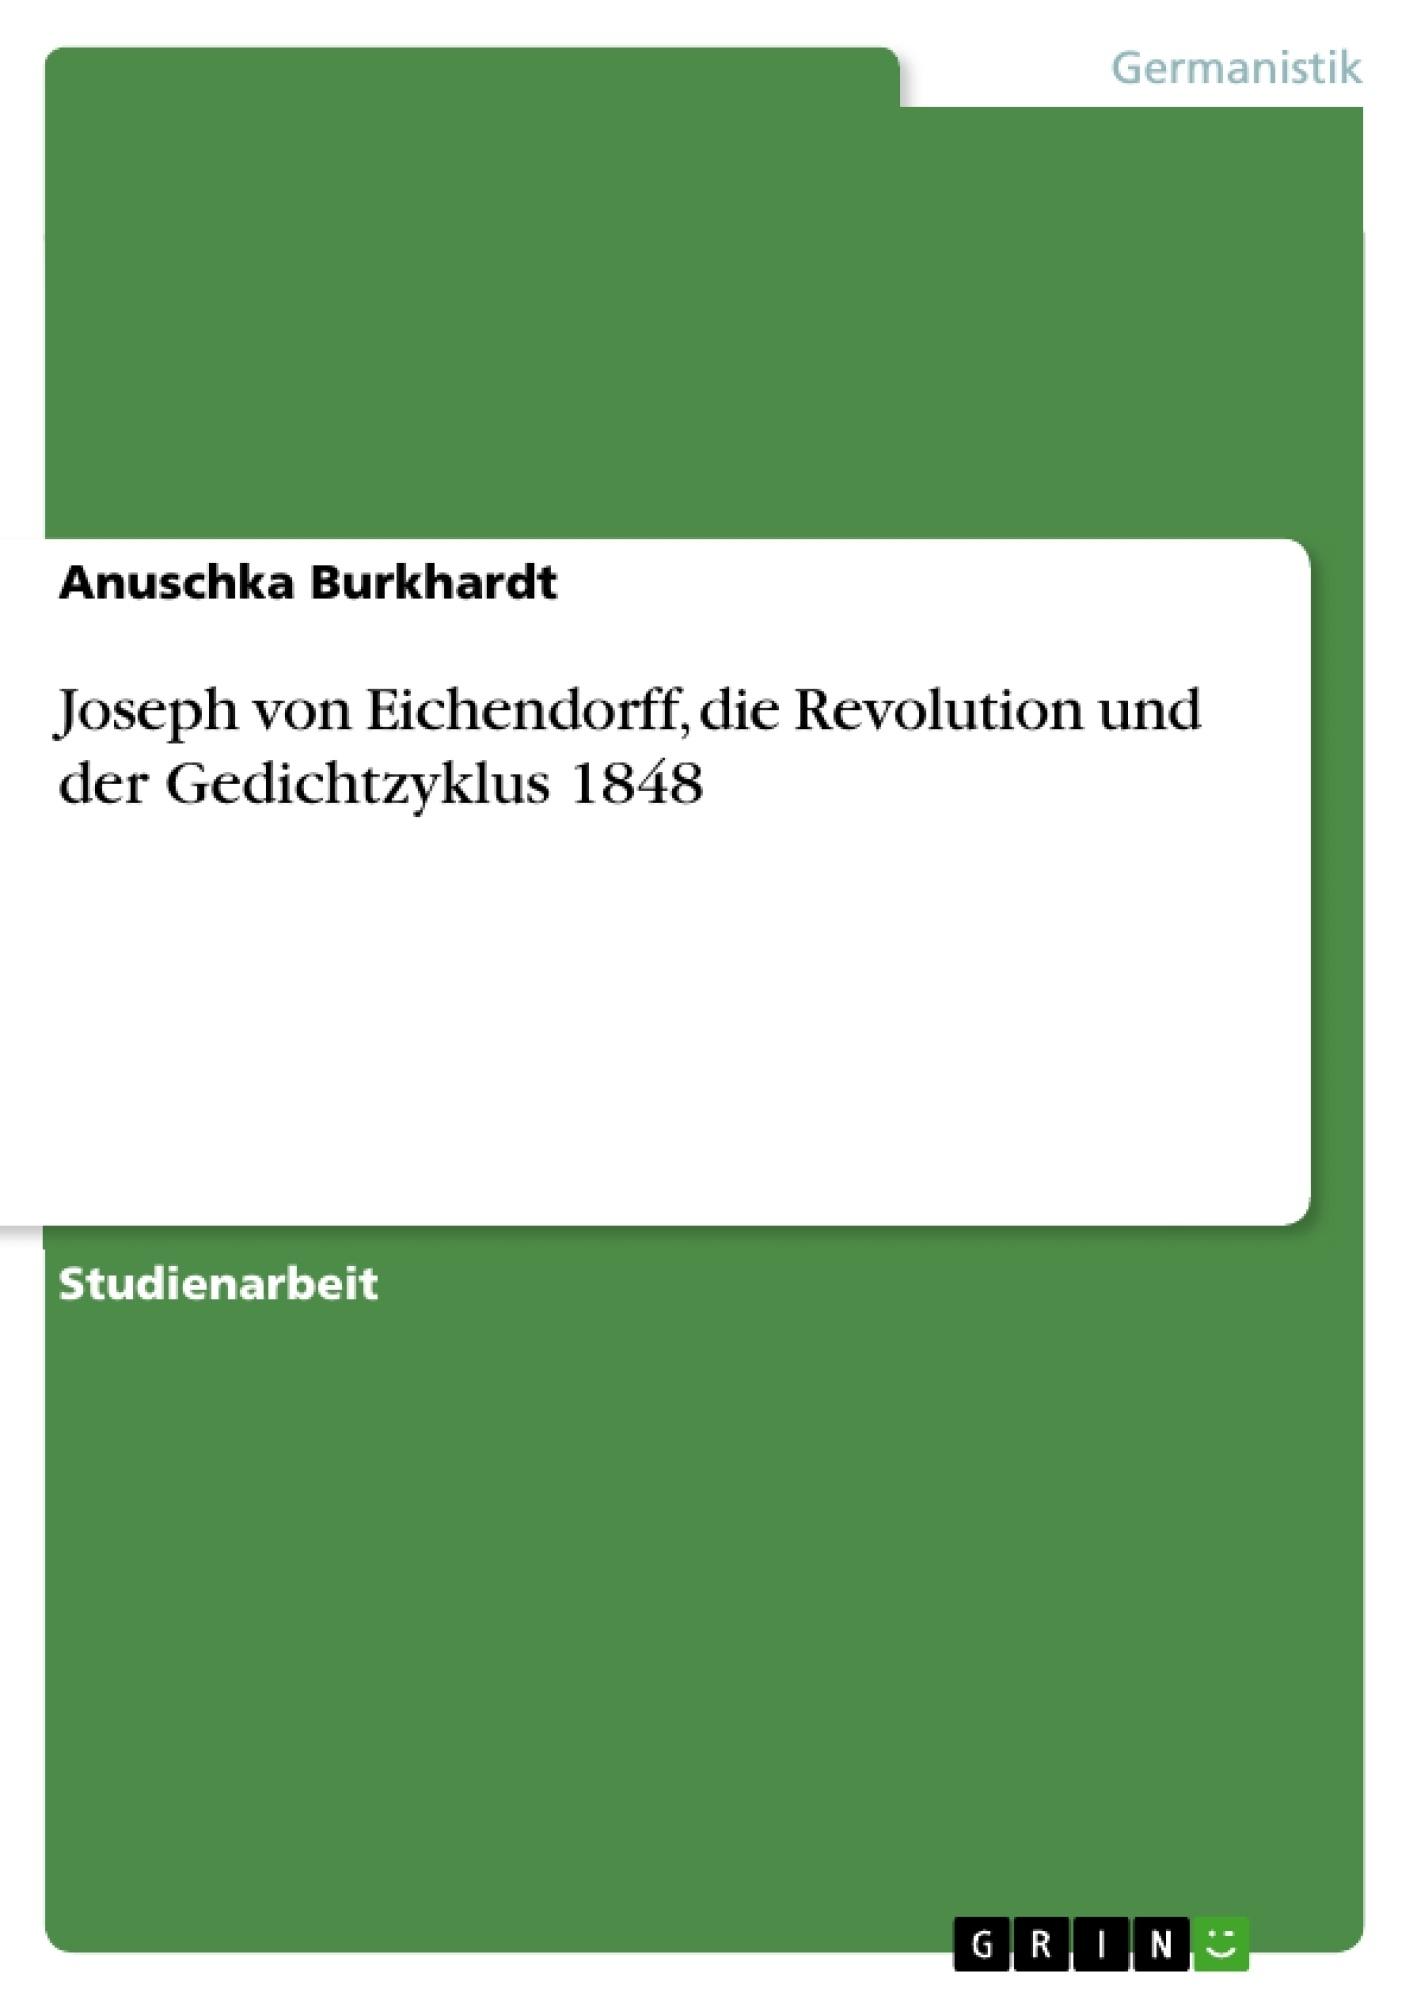 Titel: Joseph von Eichendorff, die Revolution und der Gedichtzyklus 1848